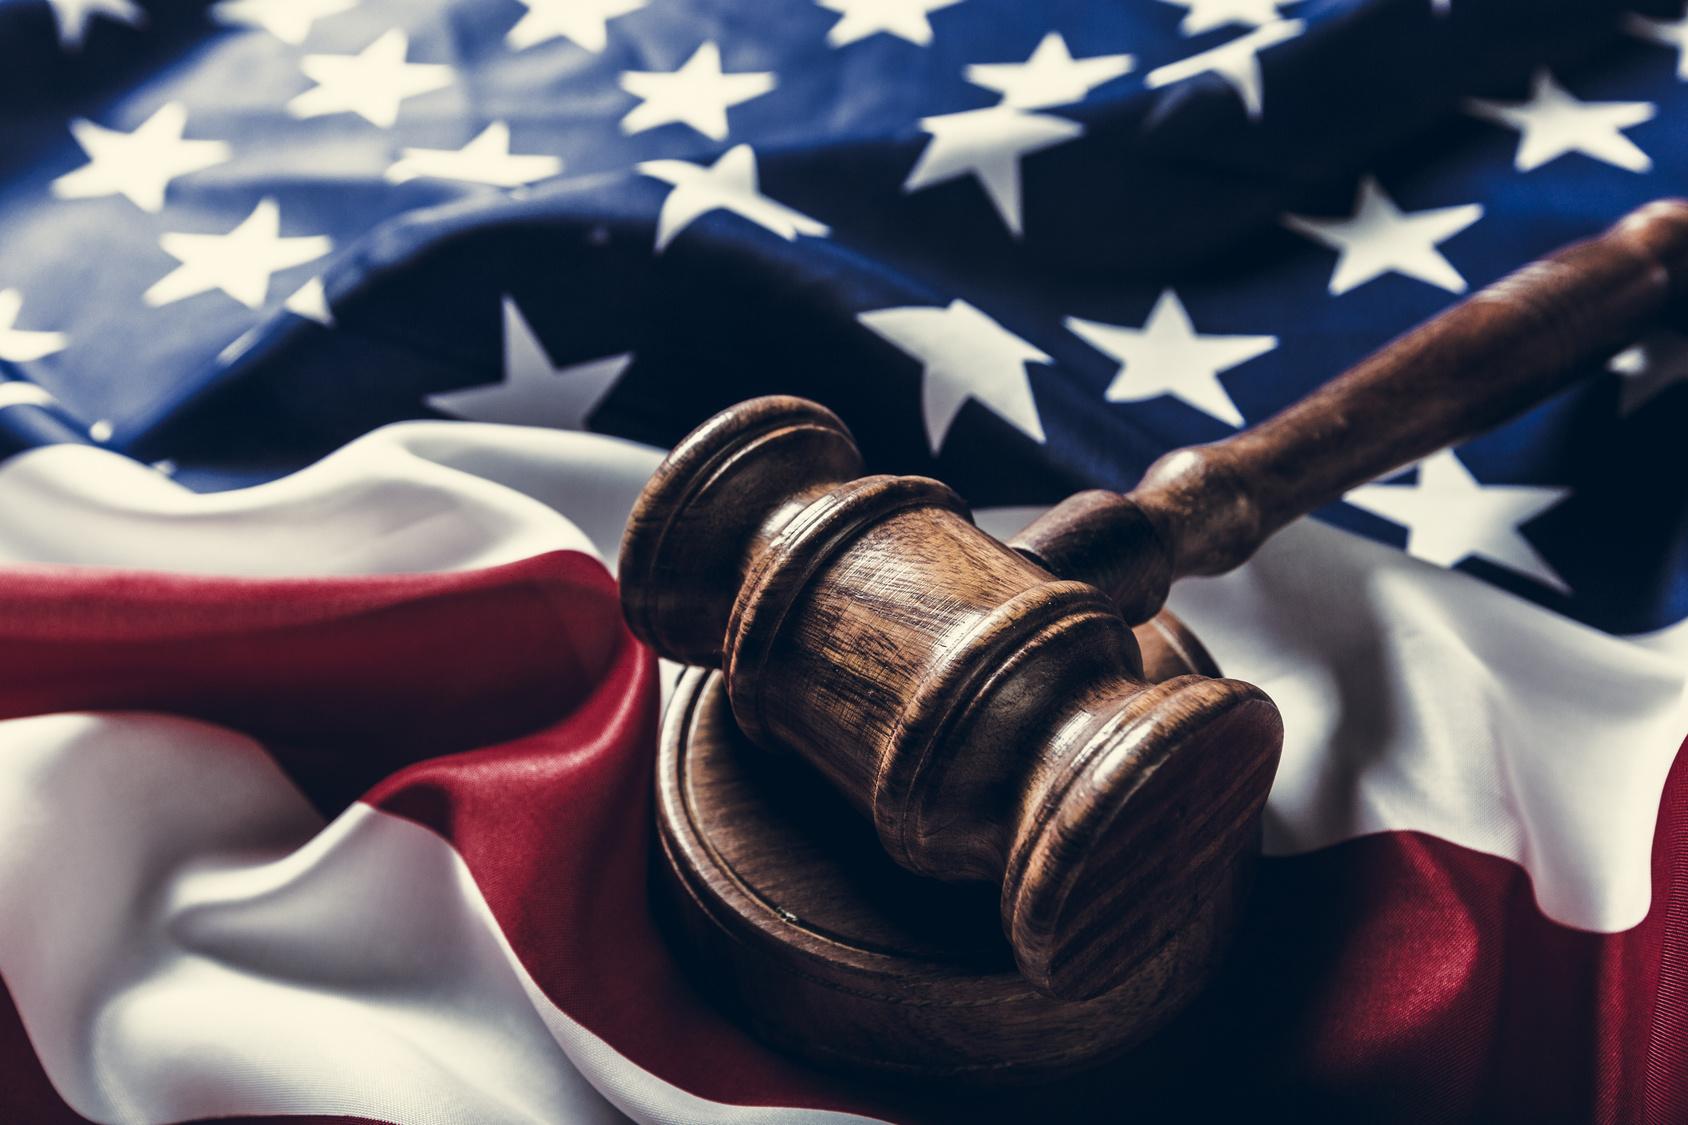 L'autodifesa penale dell'avvocato nel sistema federale americano e la carta fondamentale (Bill of Rights)